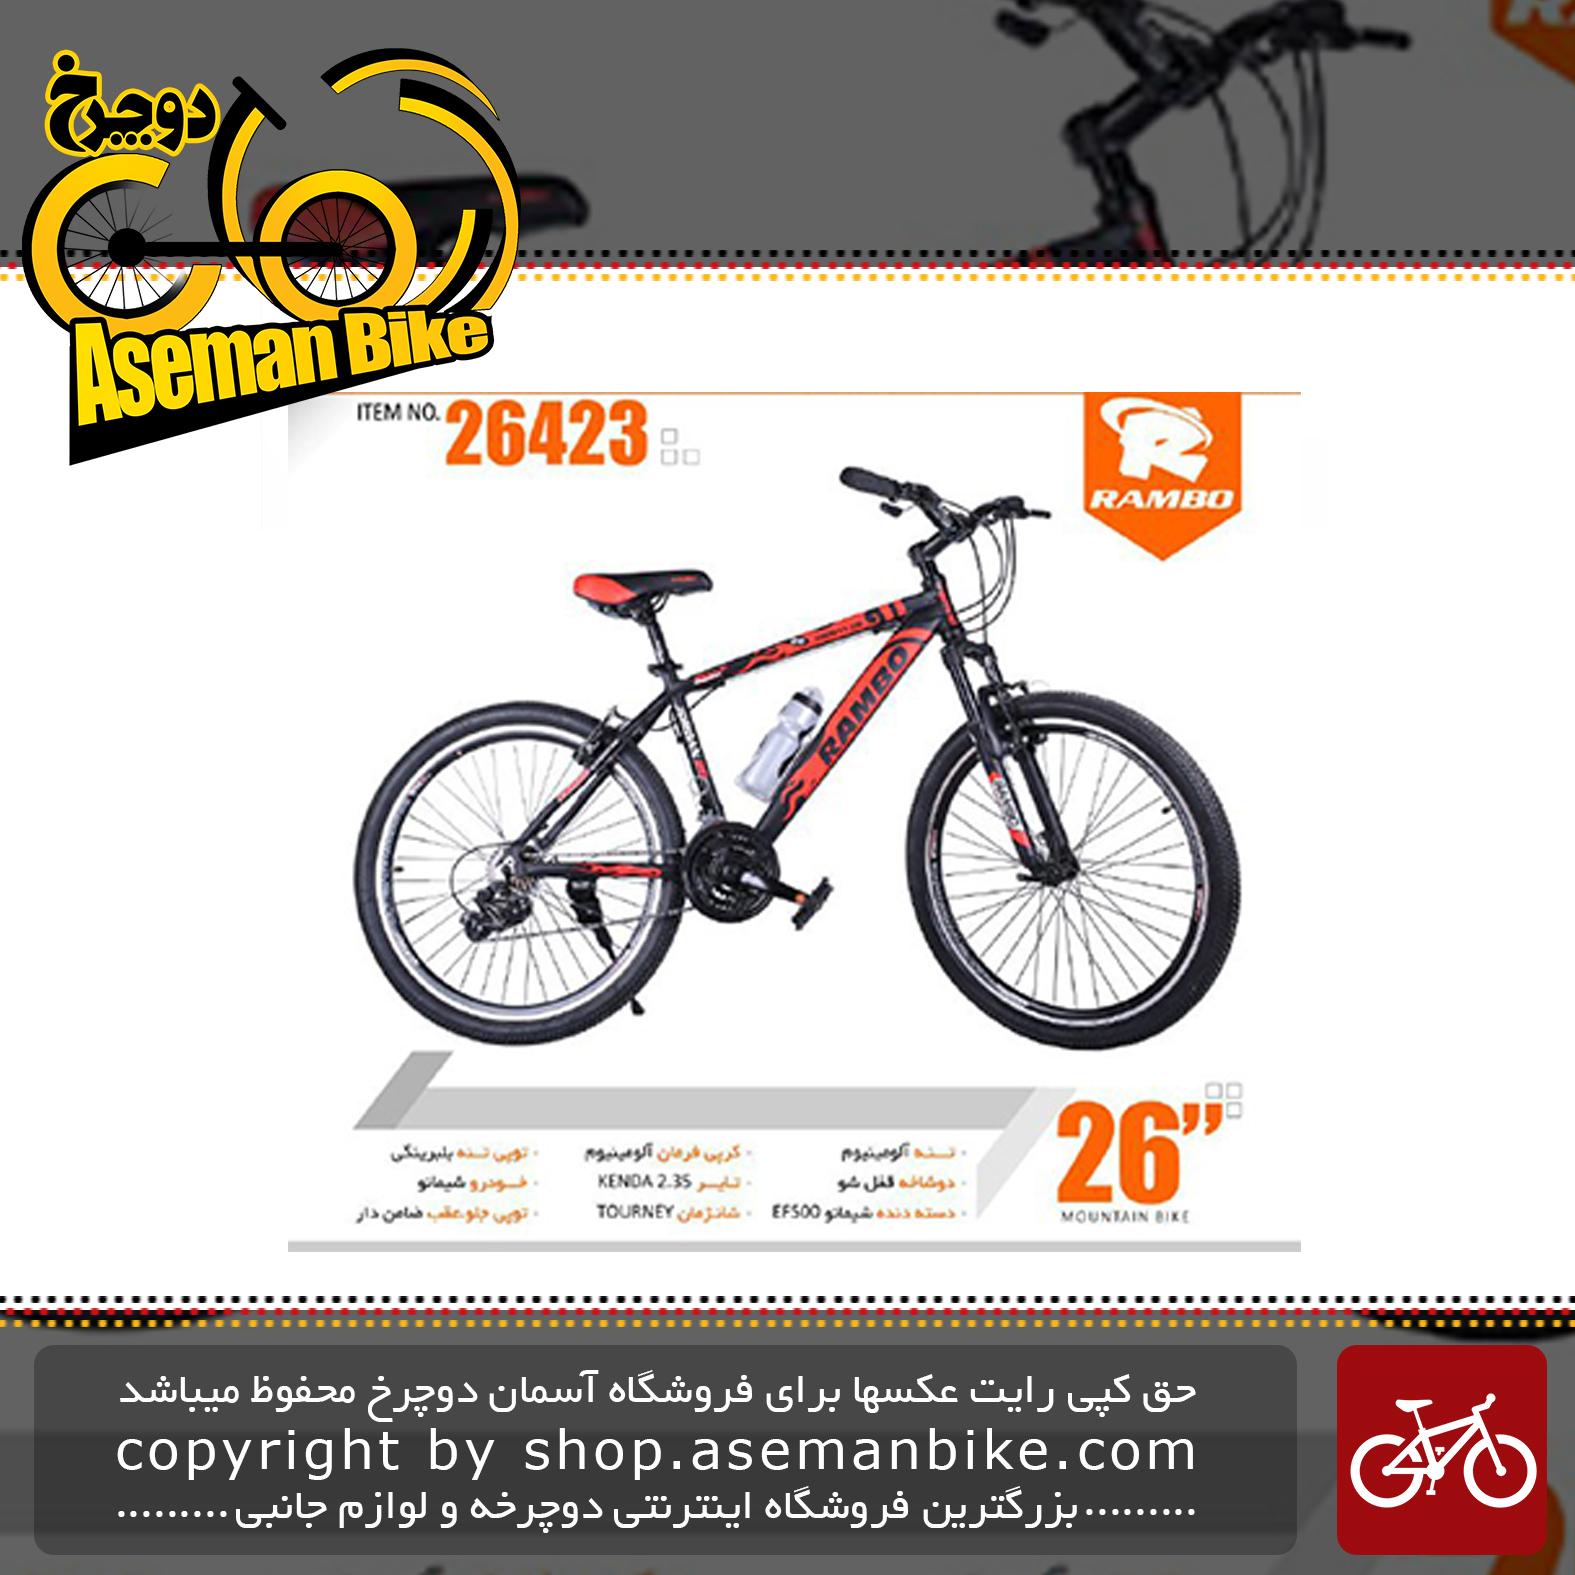 دوچرخه کوهستان رامبو سایز 26مدل جردن RAMBO SIZE 26 JORDAN